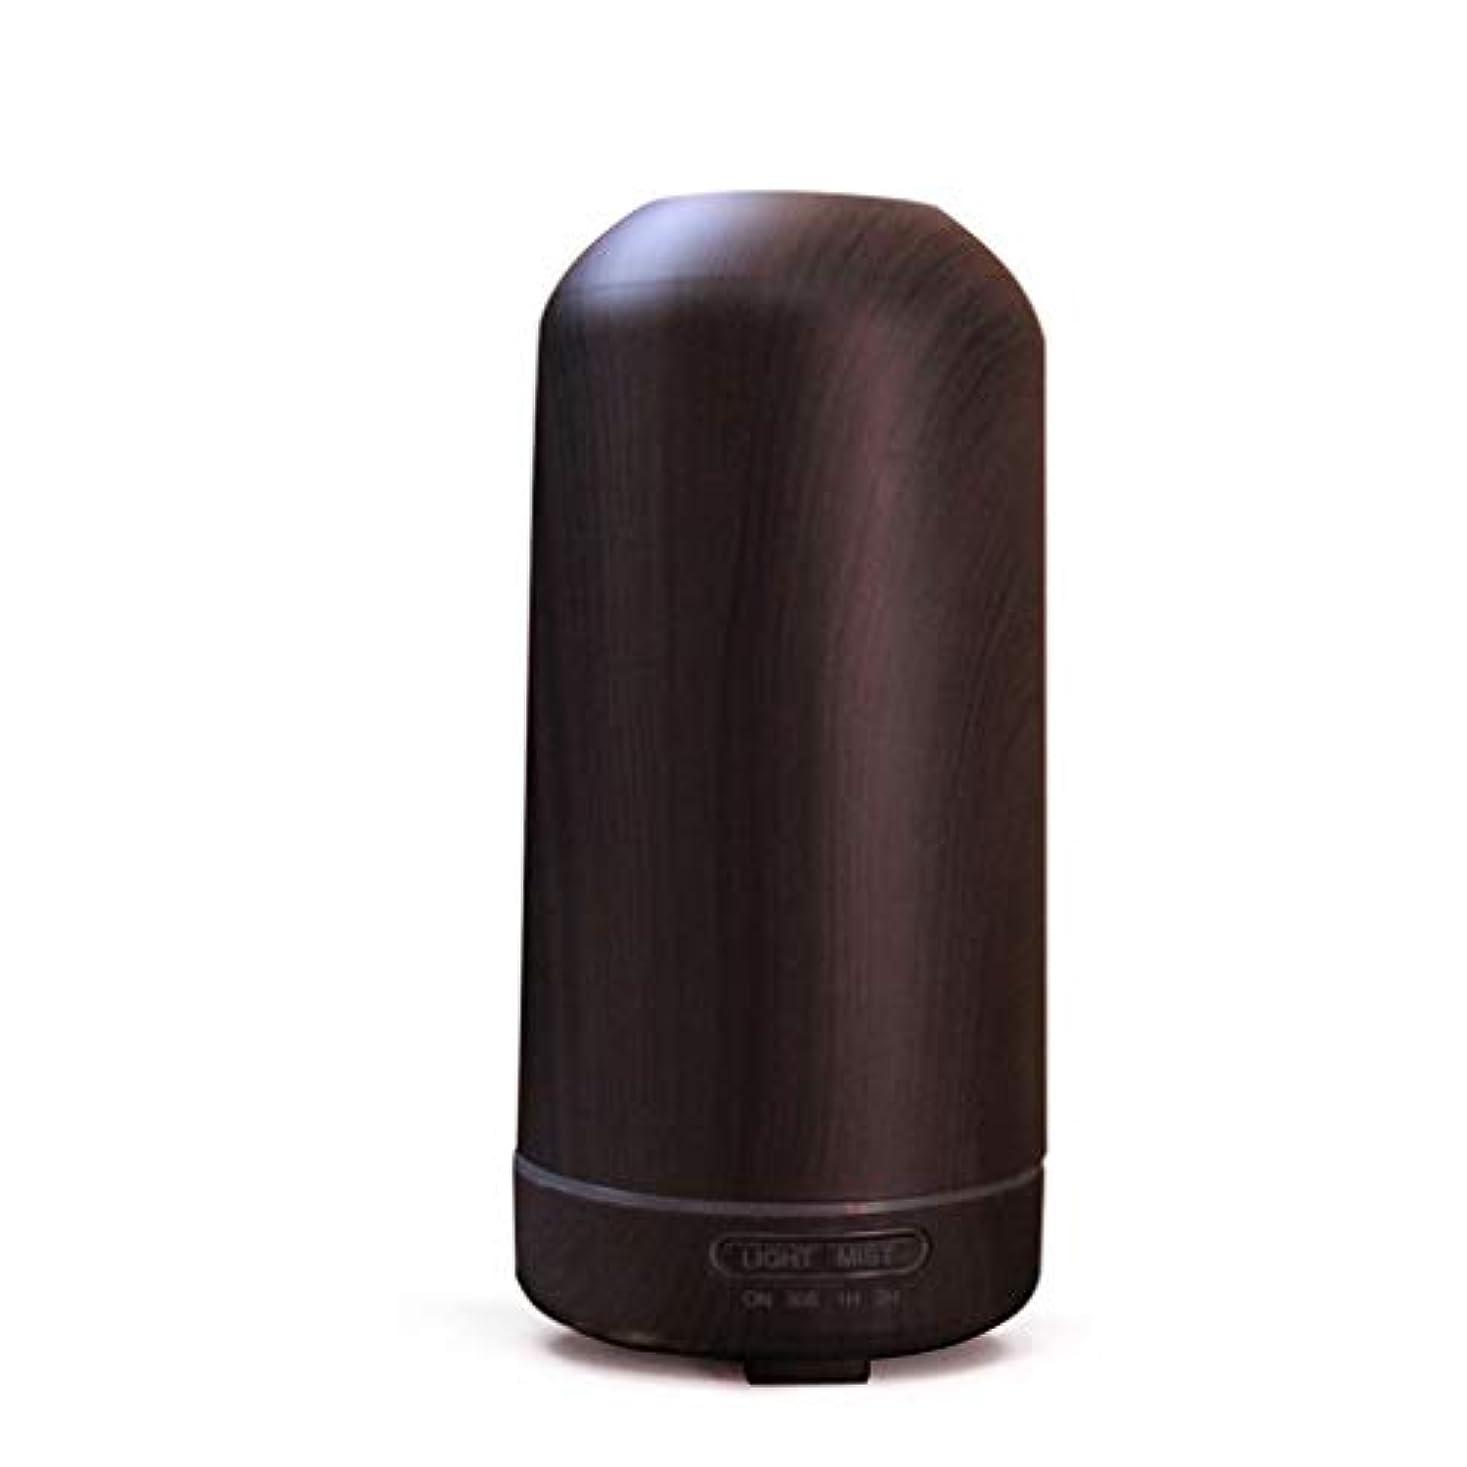 哲学的噴出する組み立てる100ミリリットル超音波クールミスト加湿器カラーLEDライト付きホームヨガオフィススパ寝室ベビールーム - ウッドグレインディフューザー (Color : Dark wood grain)